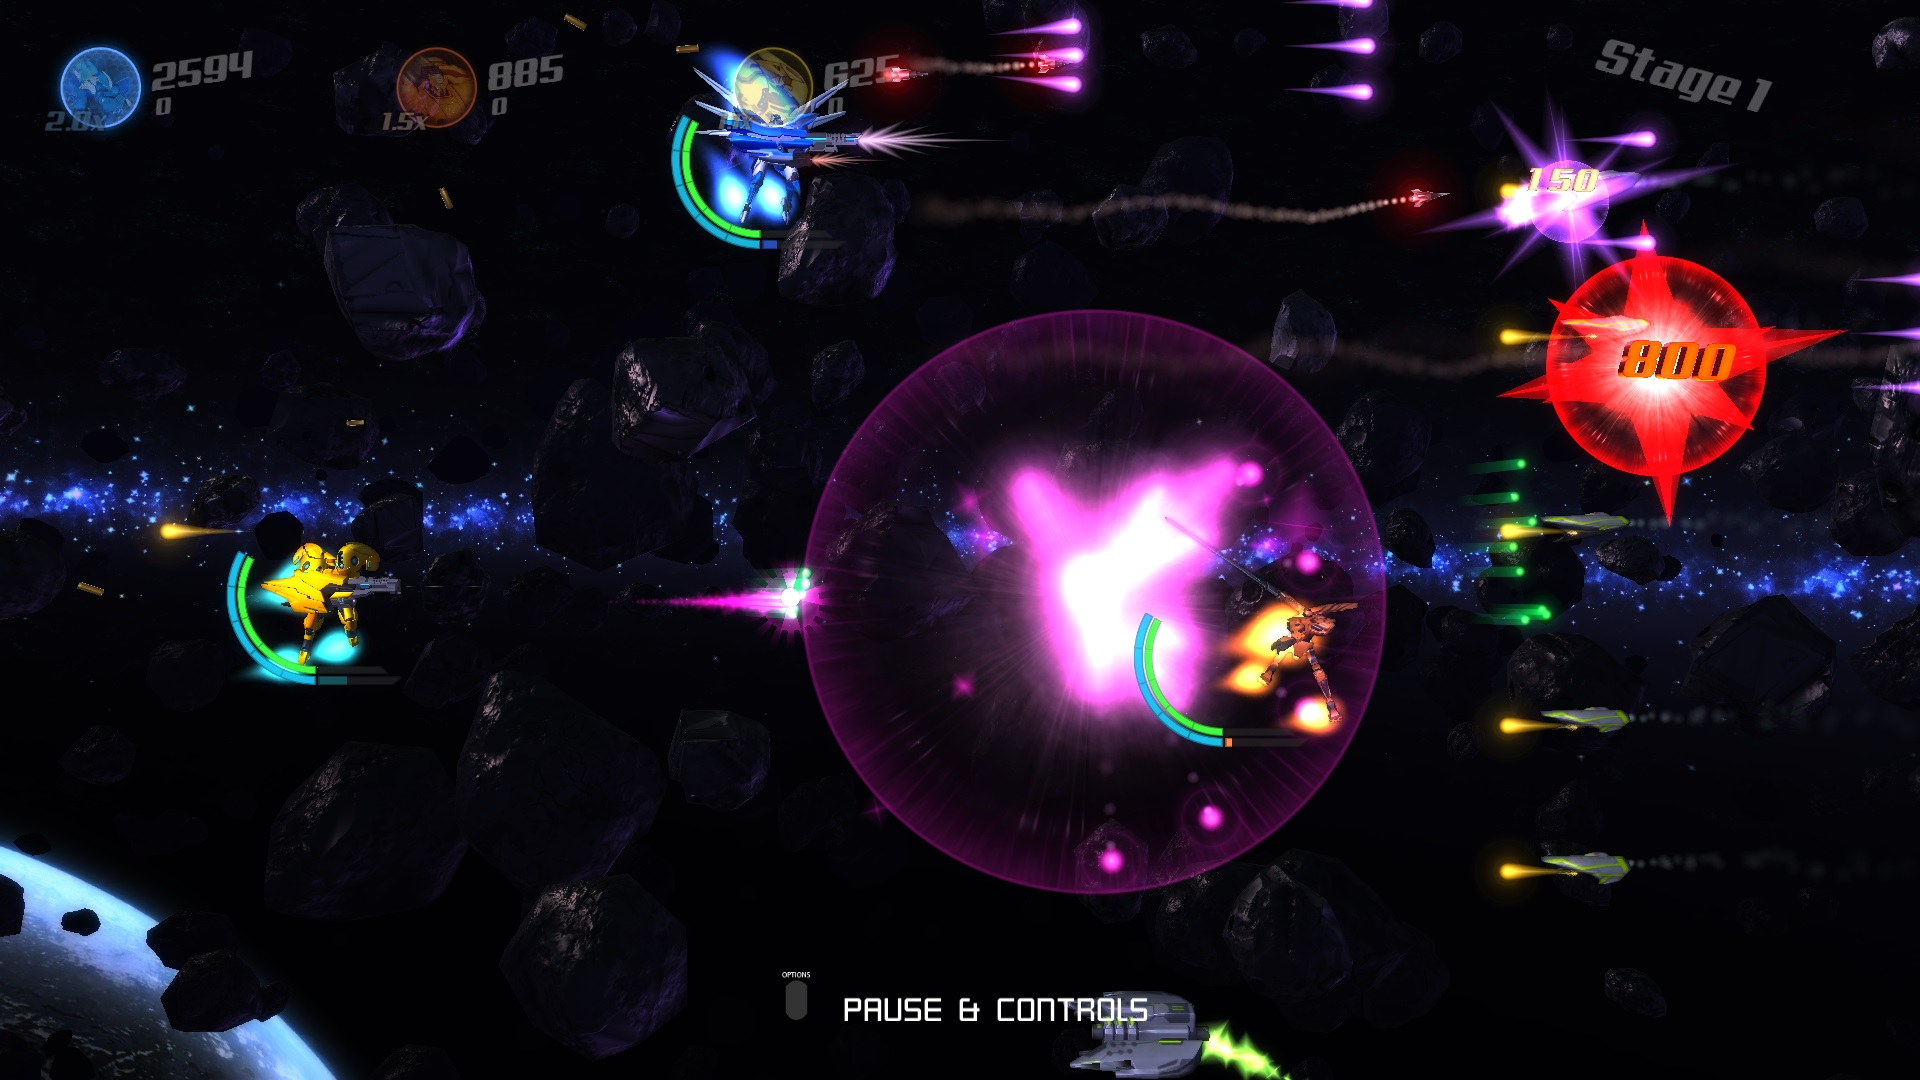 stardust-galaxy-warriors-stellar-climax-review-screenshot-1